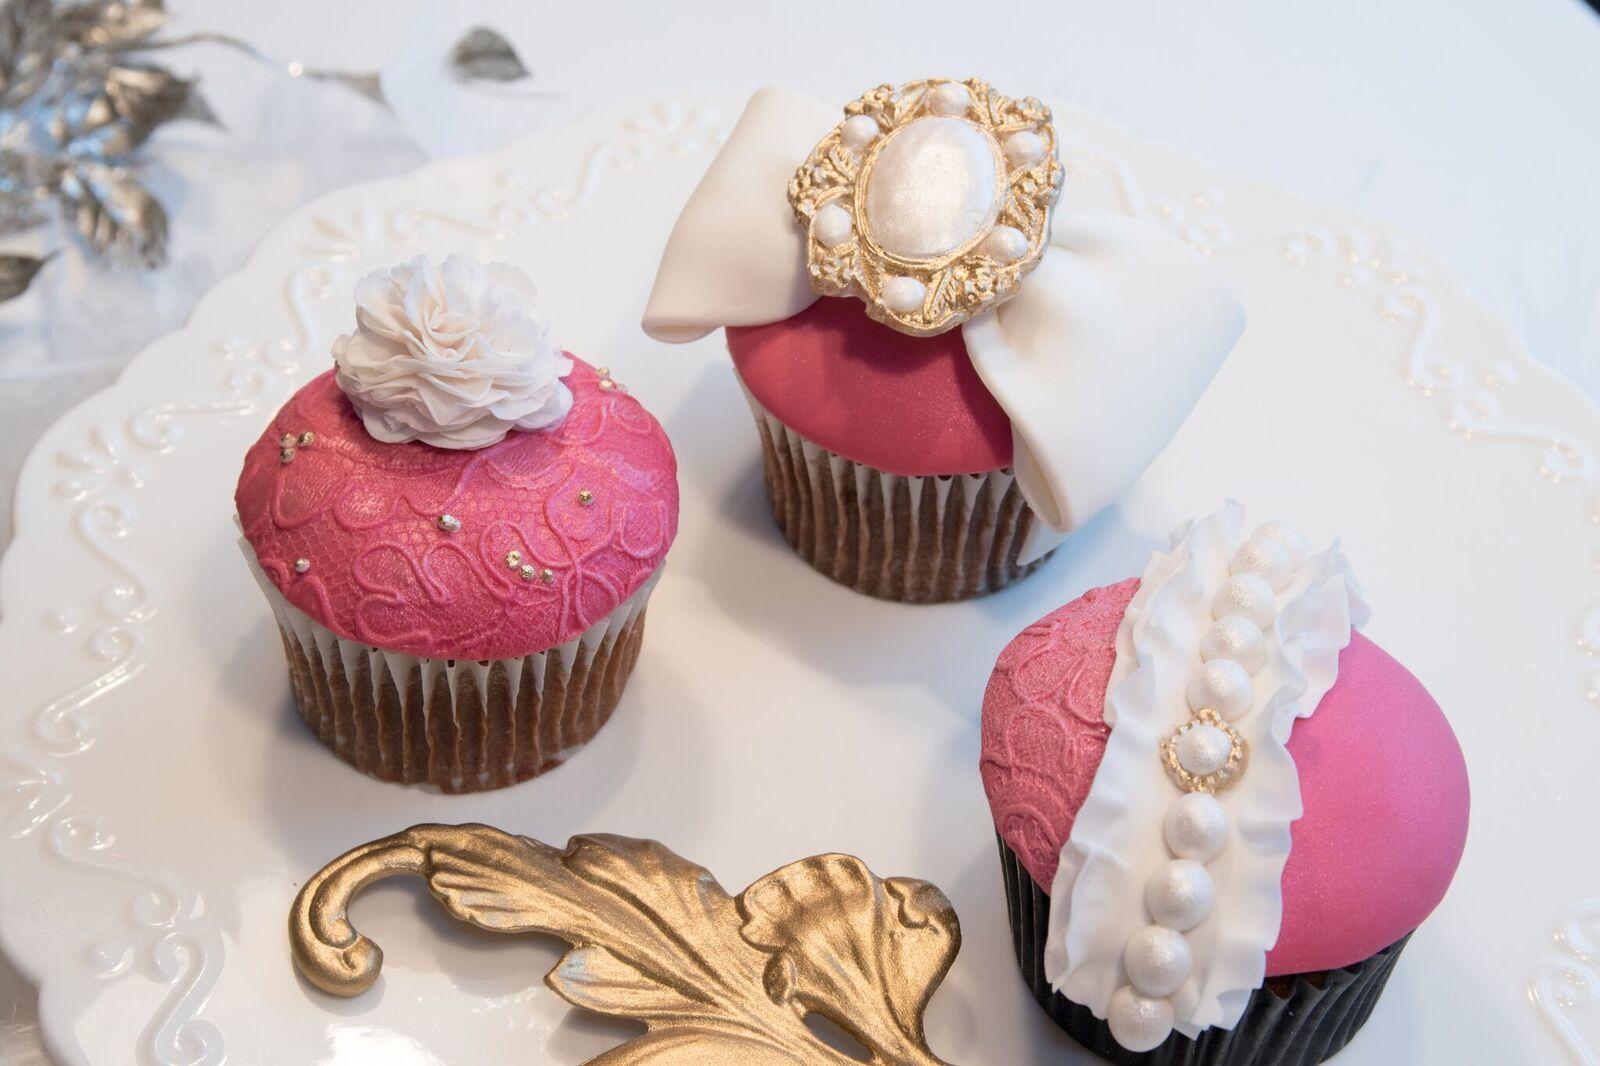 Pink Gum Paste Baroque Cupcakes